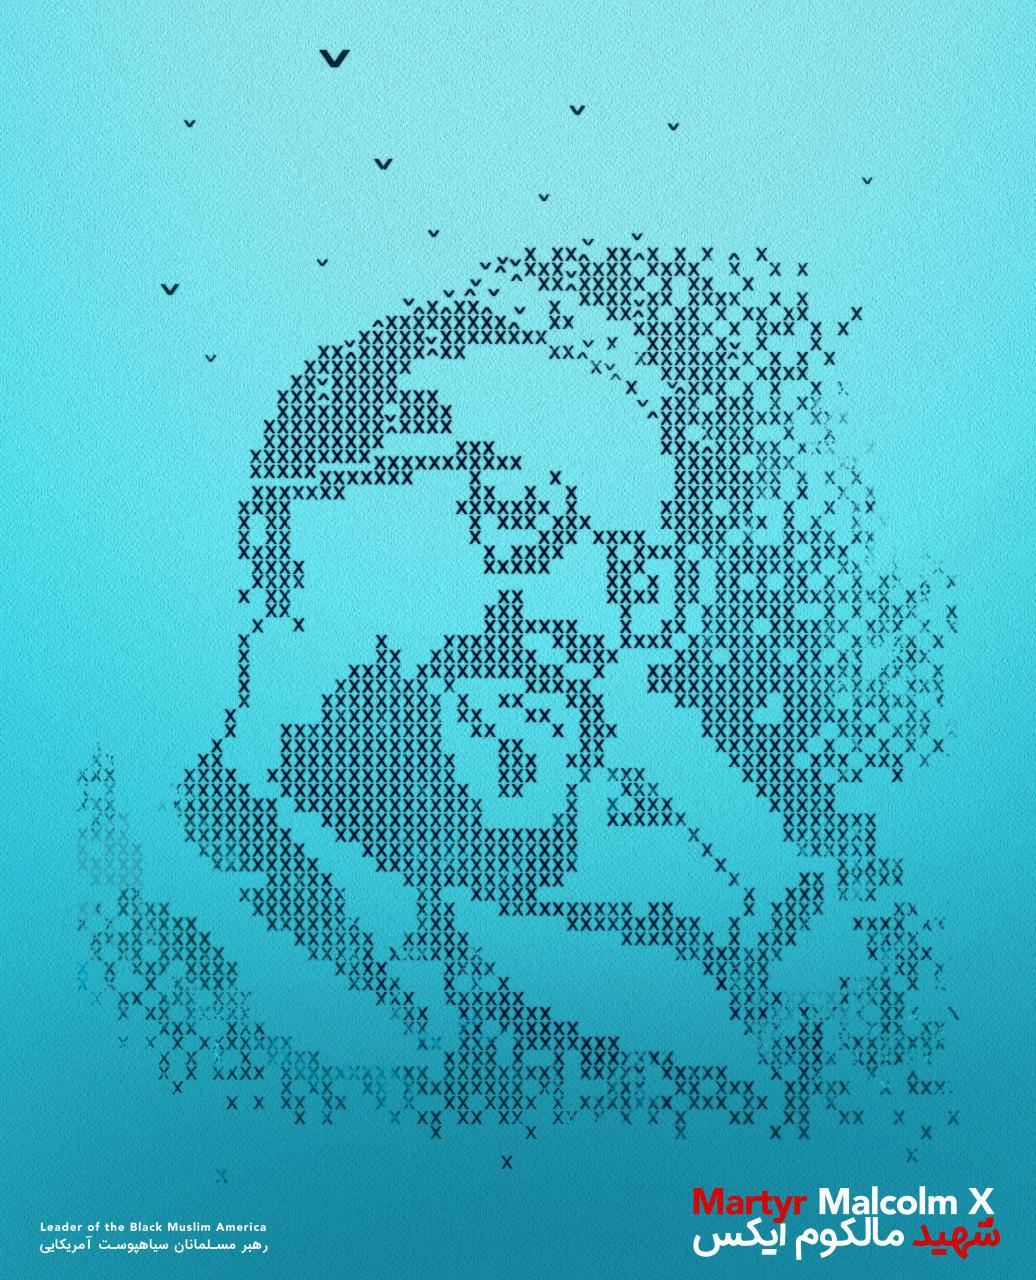 مالکوم ایکس